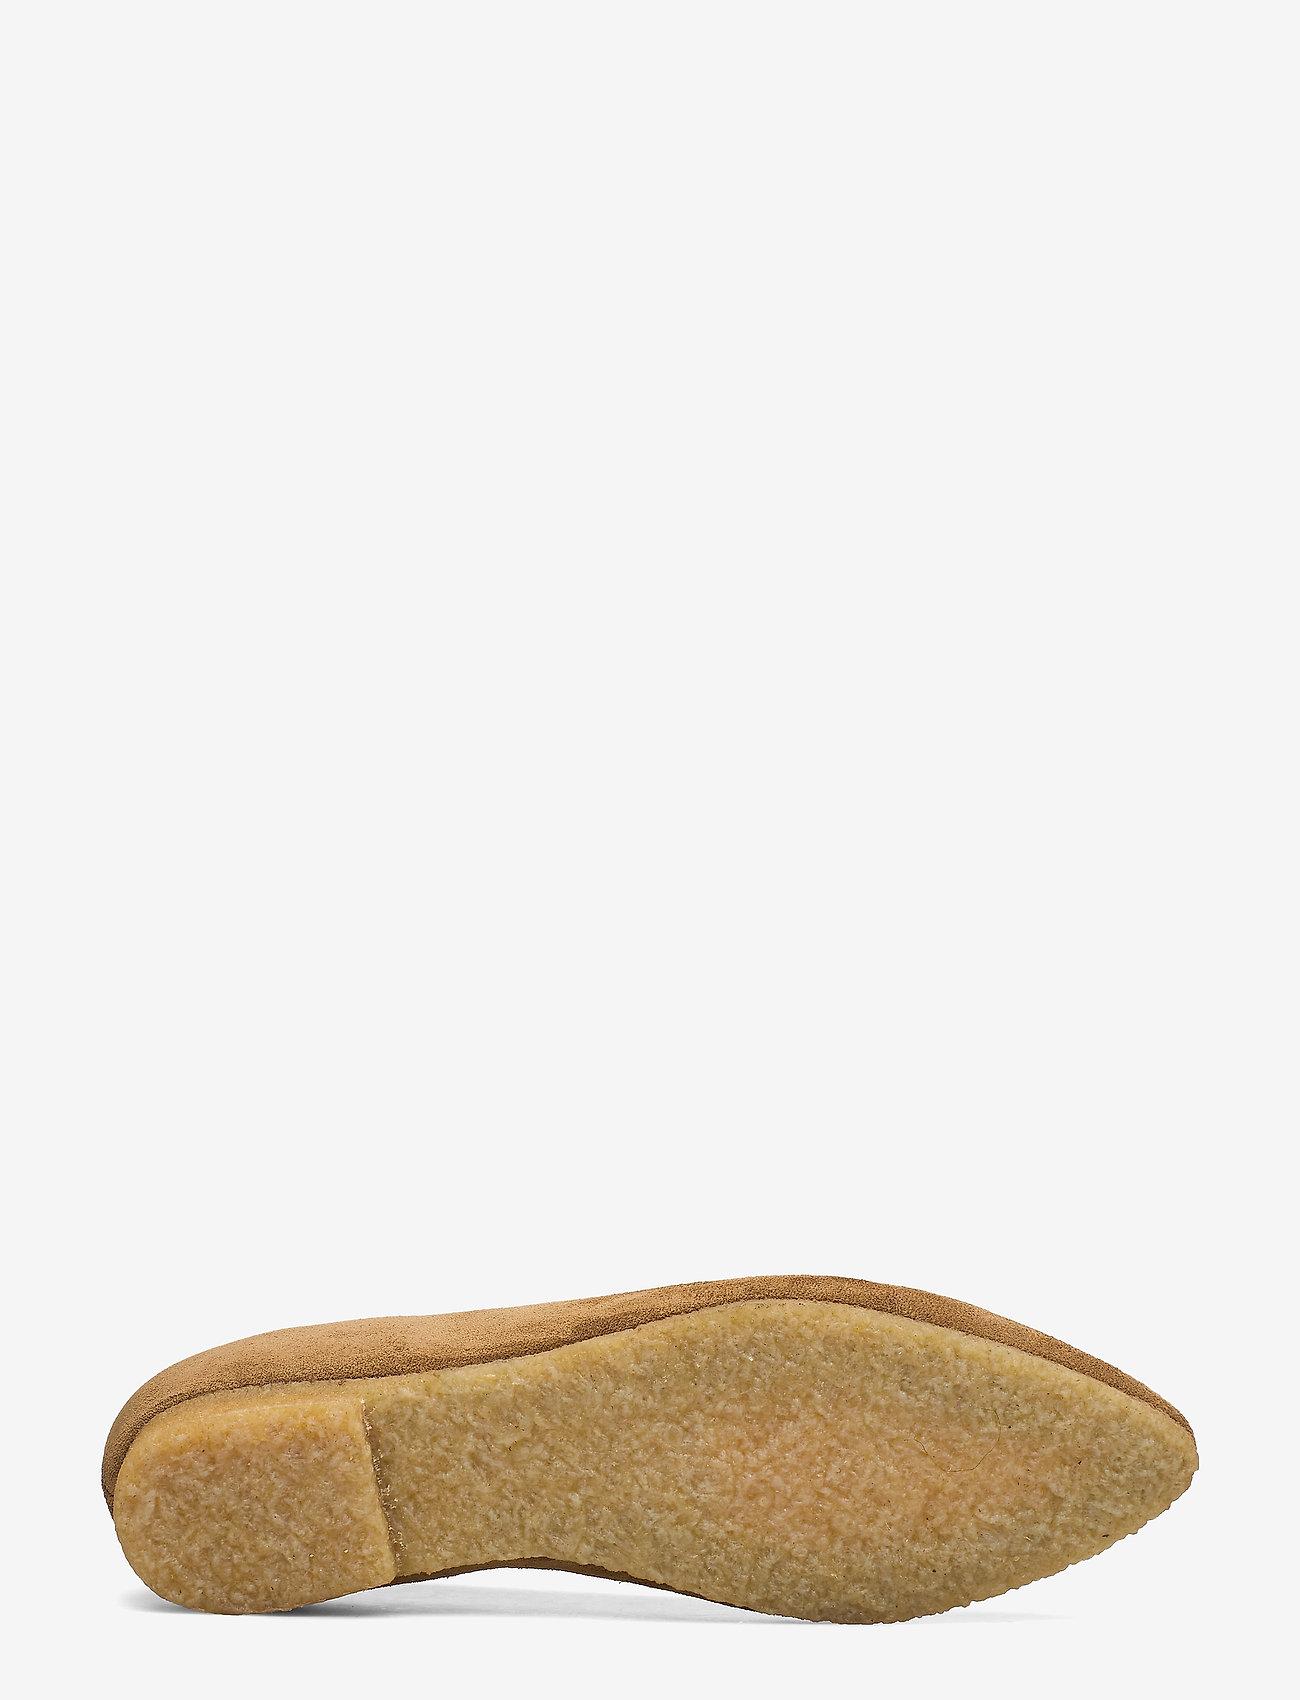 Ballerina (2209 Mustard) - ANGULUS